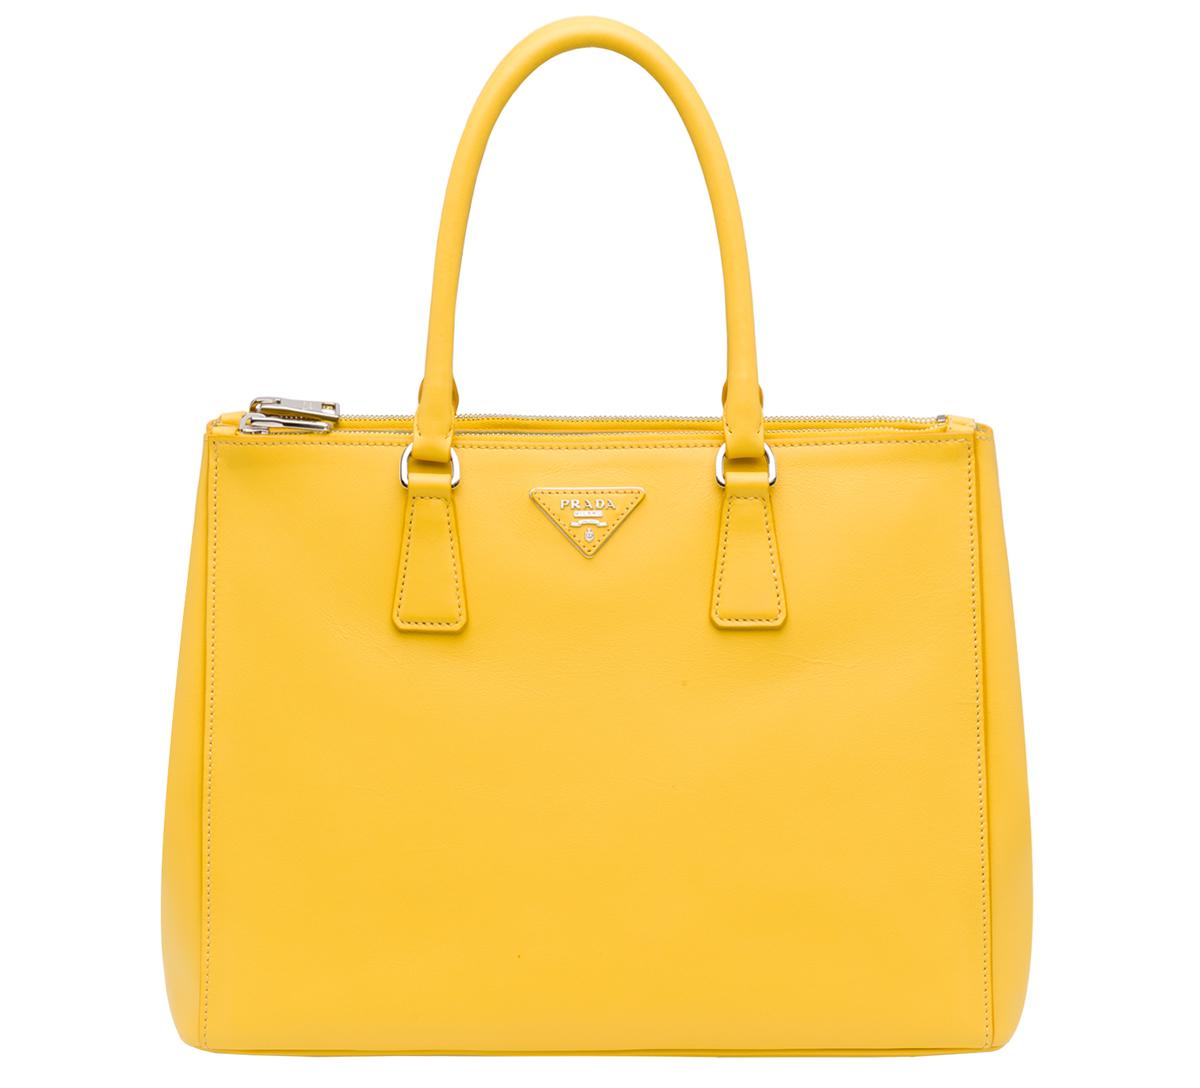 Prada Galleria Bag Sun